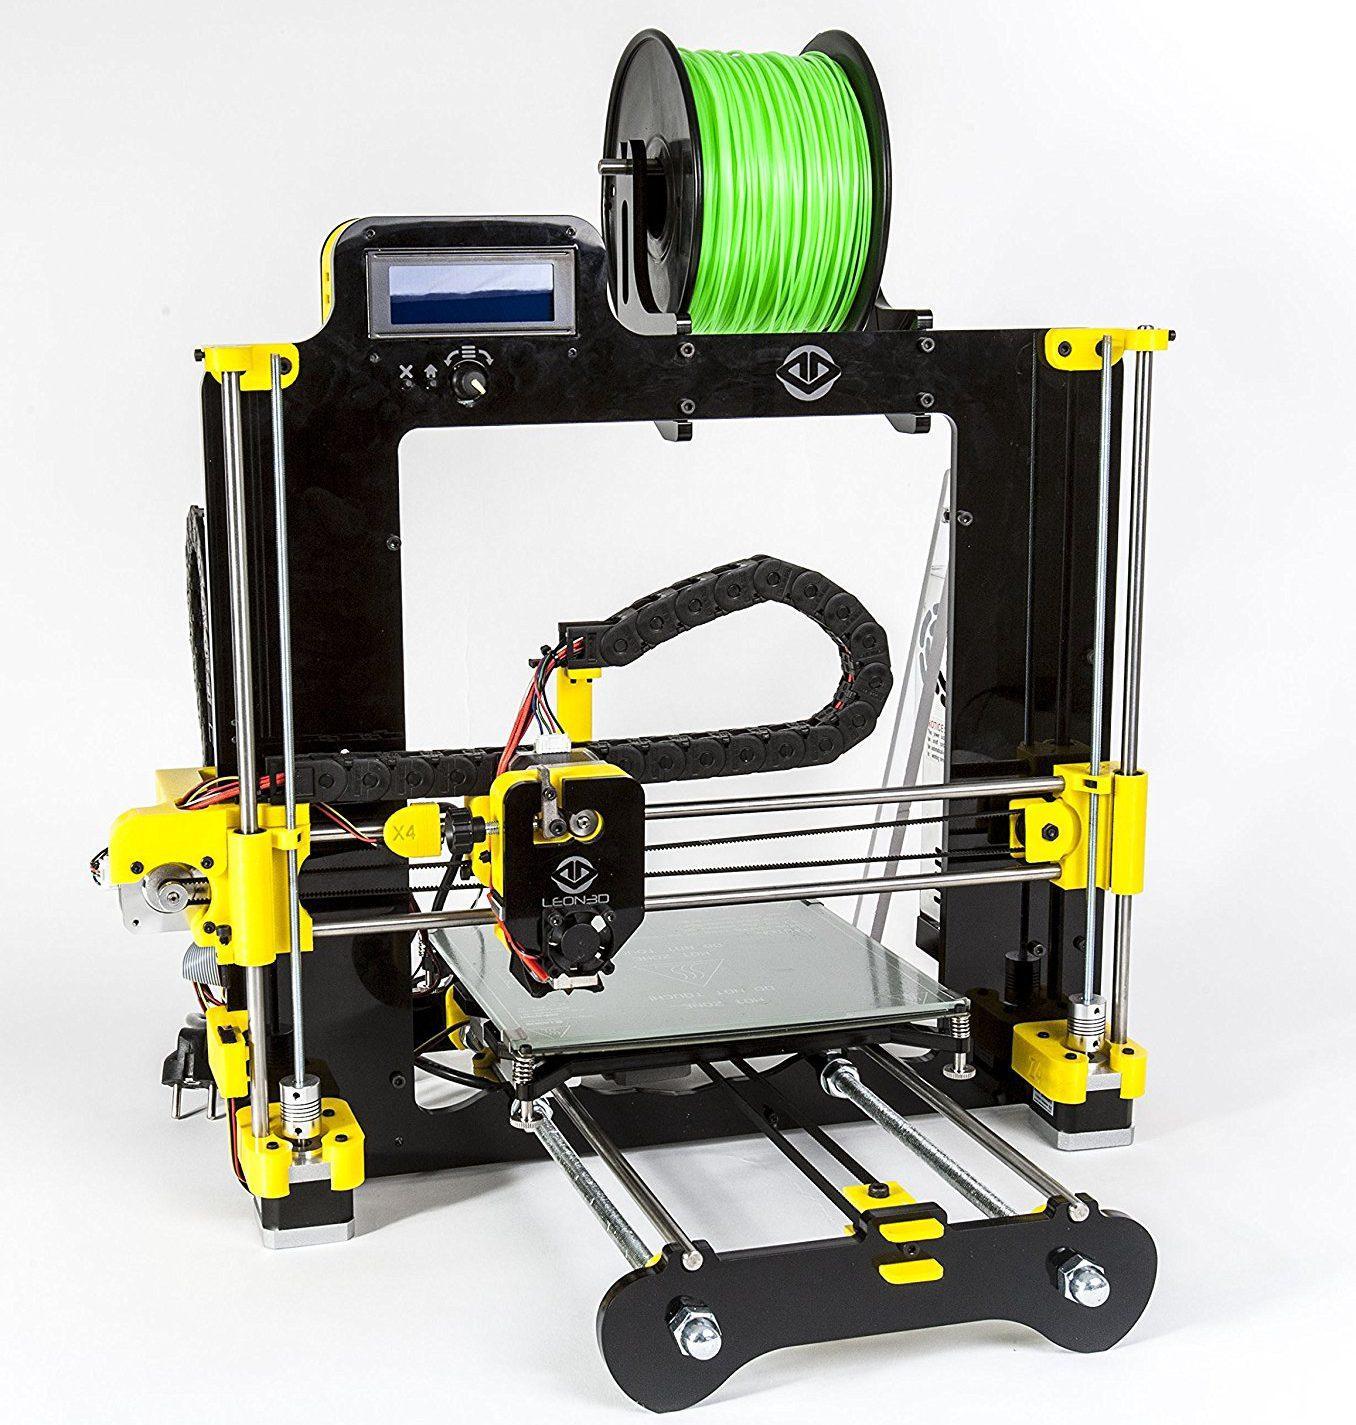 Legio 3D